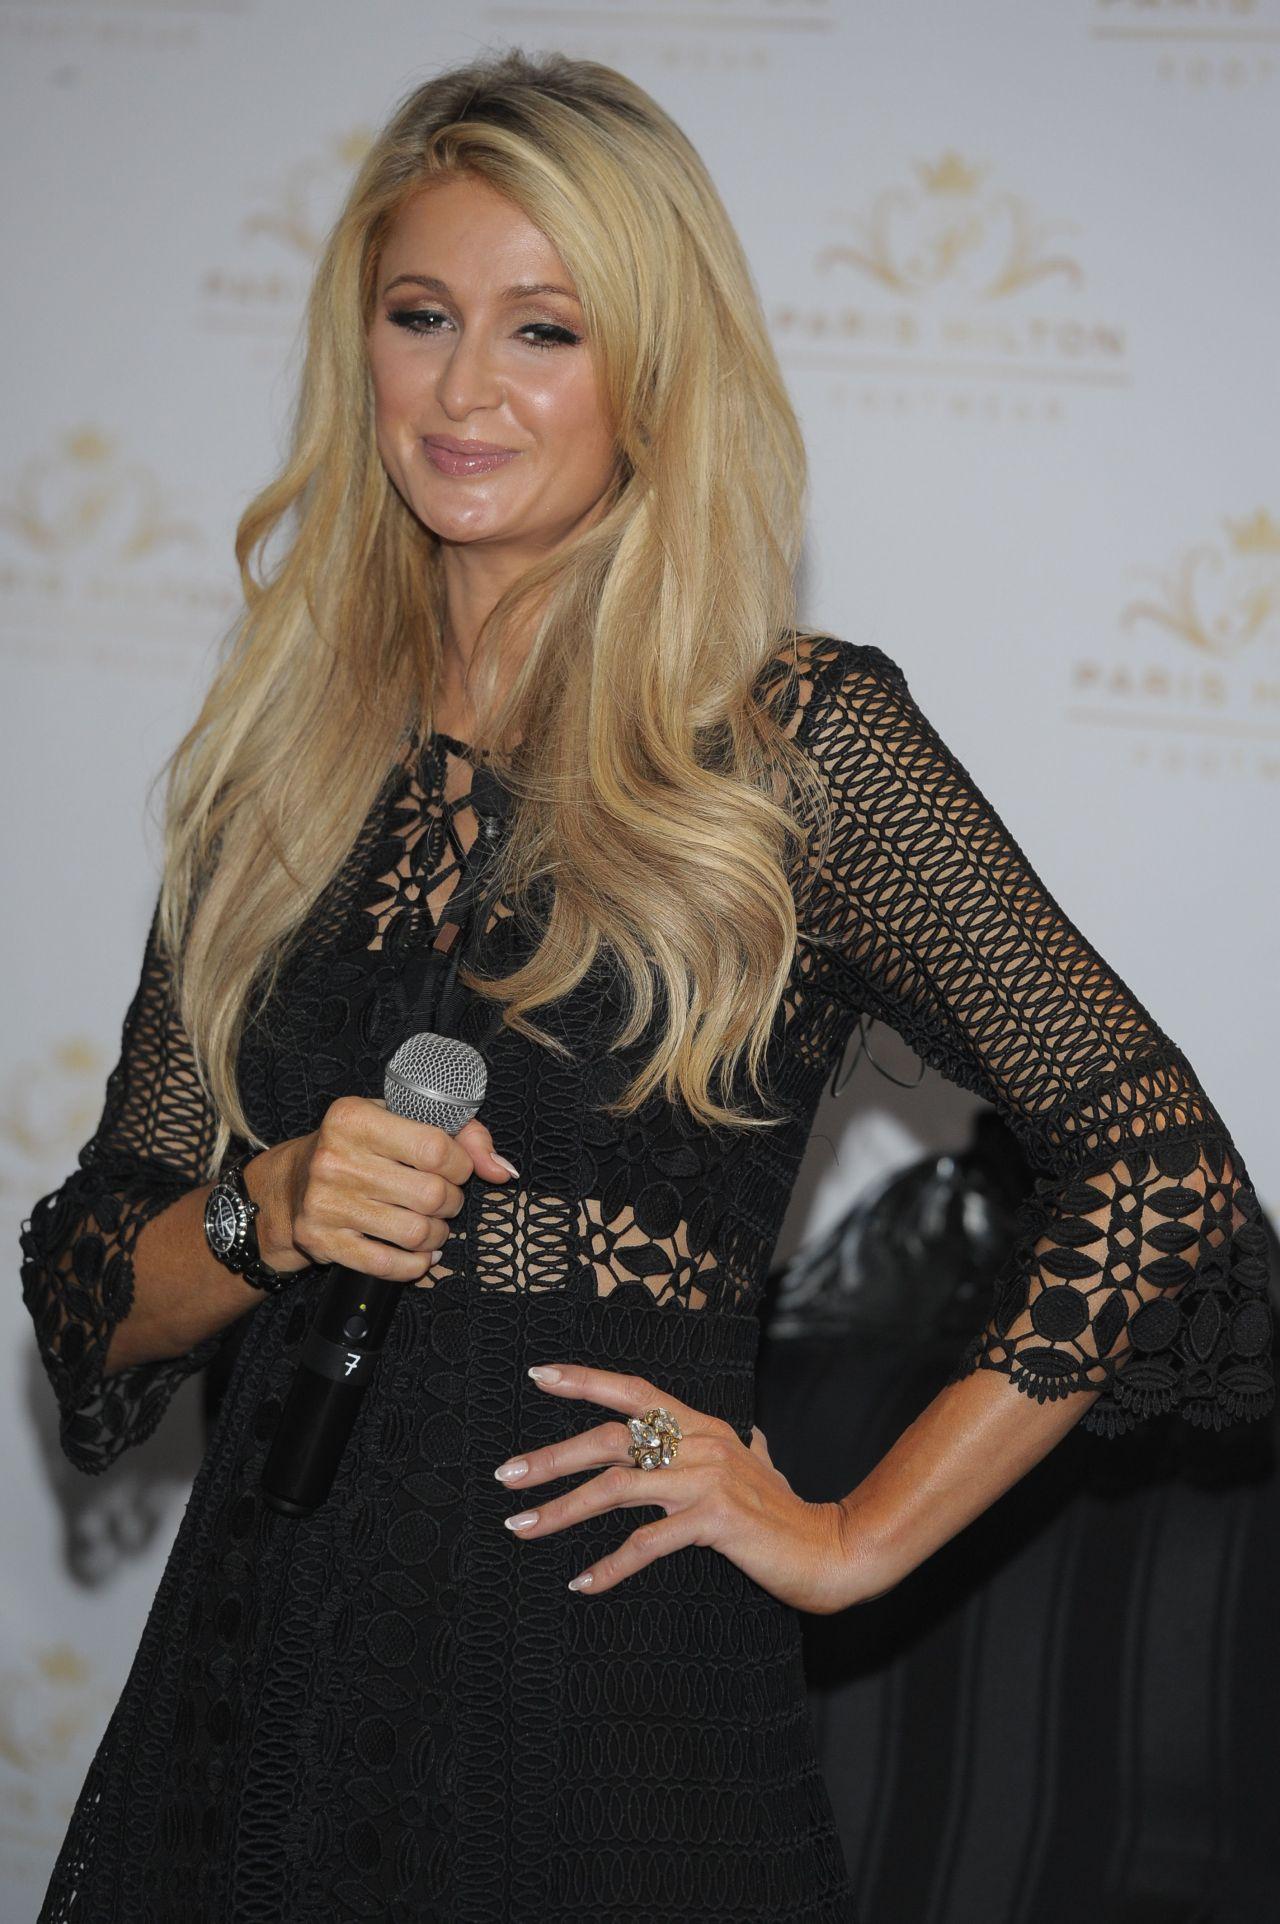 Paris Hilton - Shoe Collection Photocall in Mexico City ... Paris Hilton